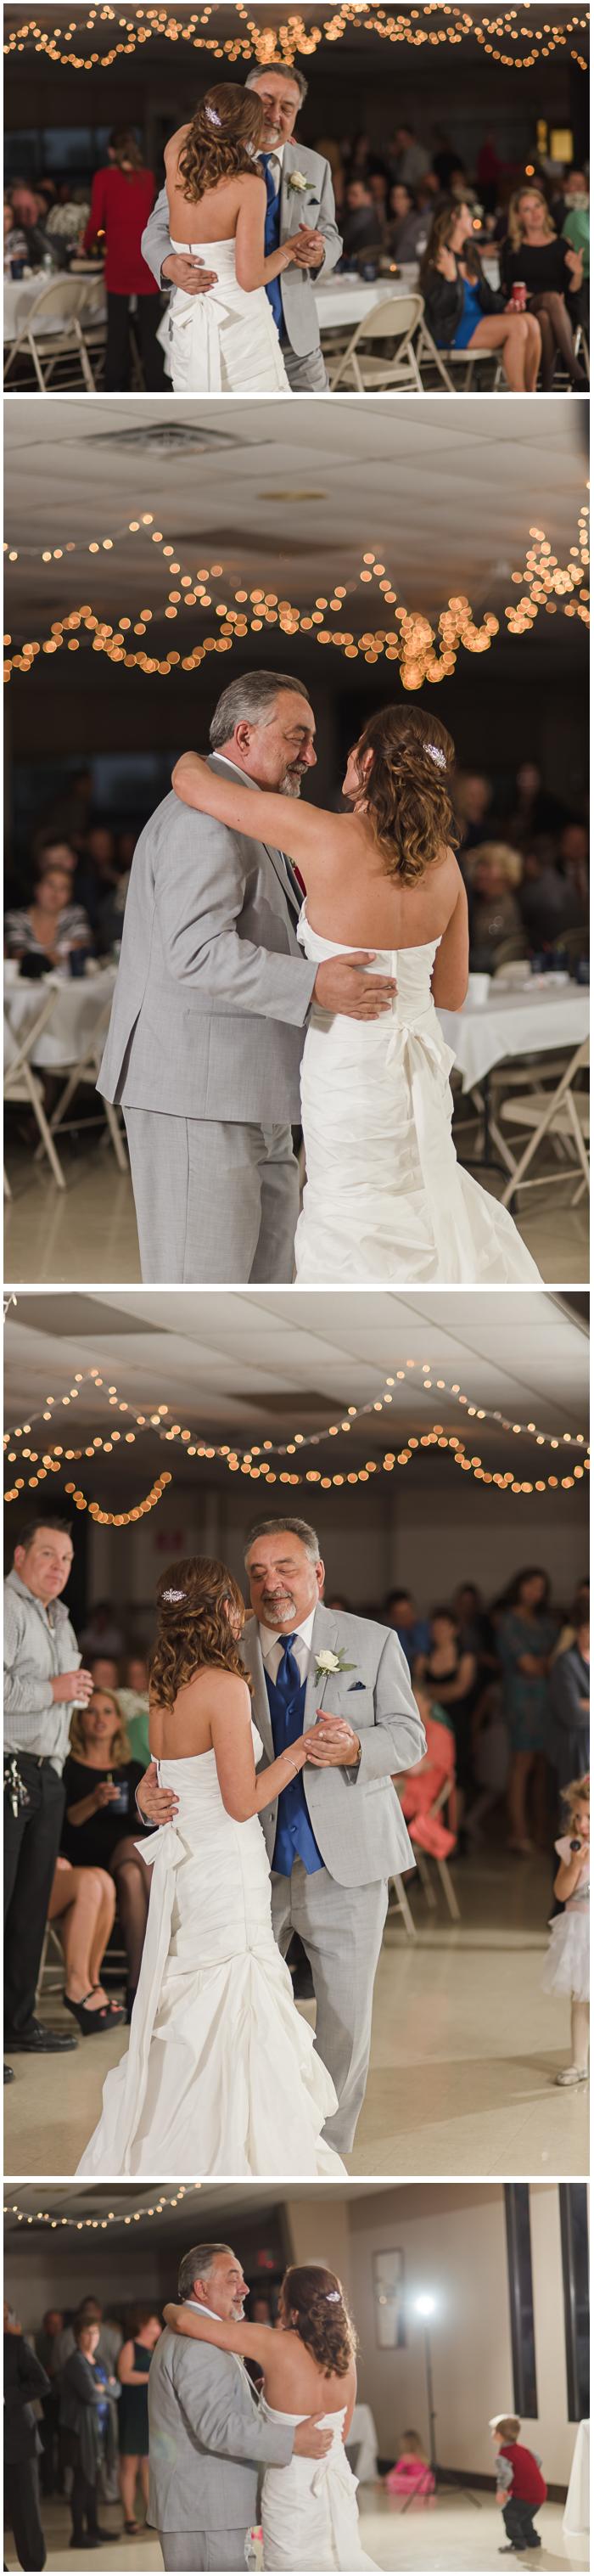 koutnik wedding 14.jpg